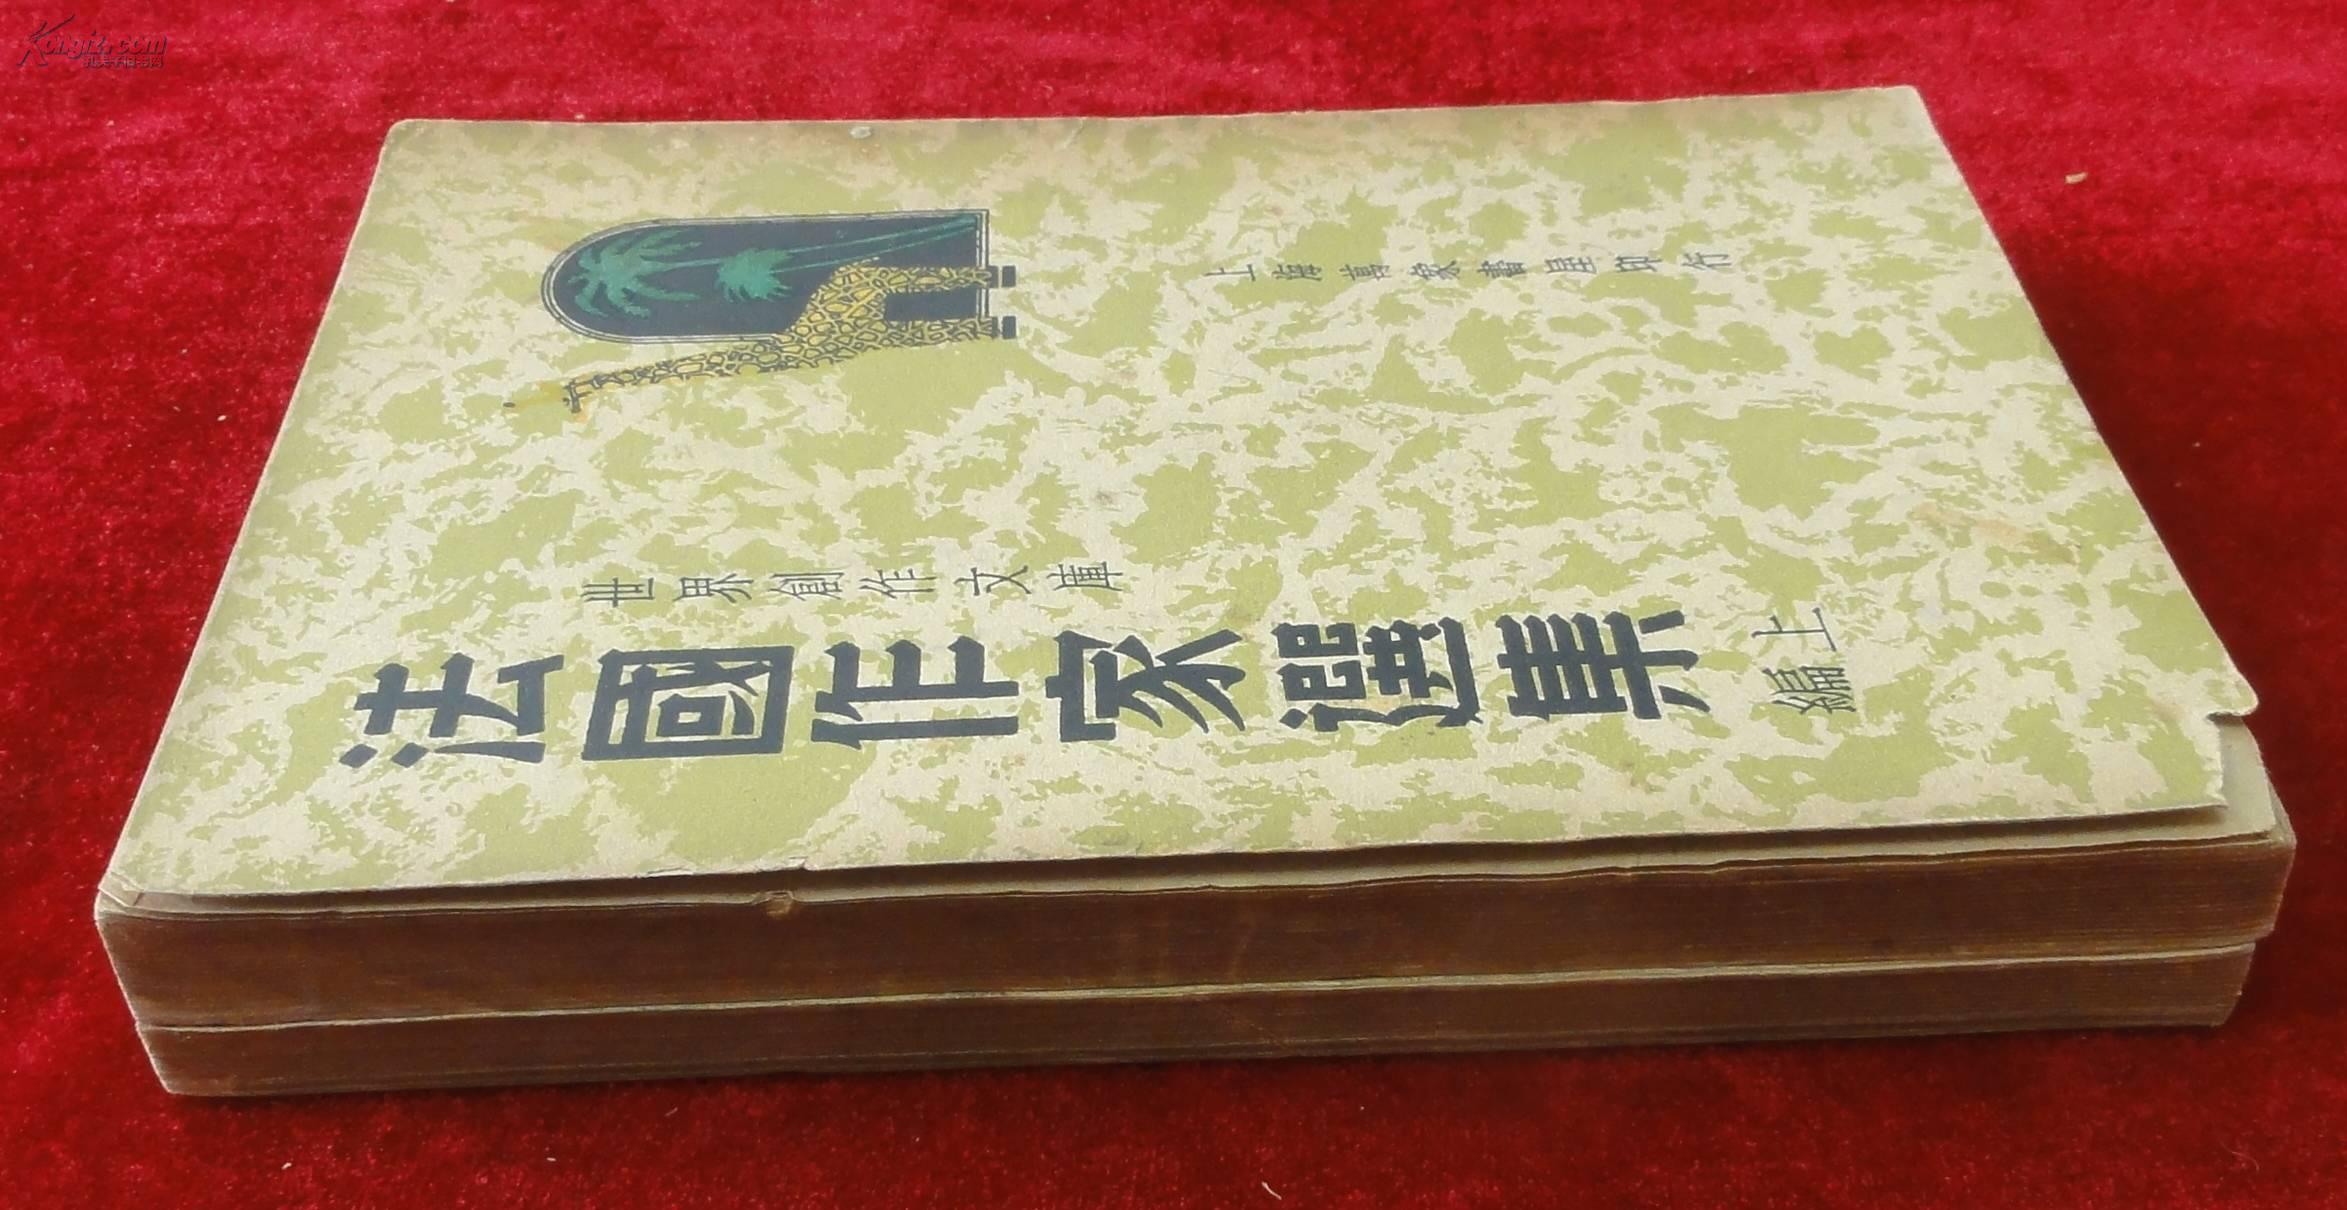 界创作文库之一,上海万象书屋印行,主要内容有